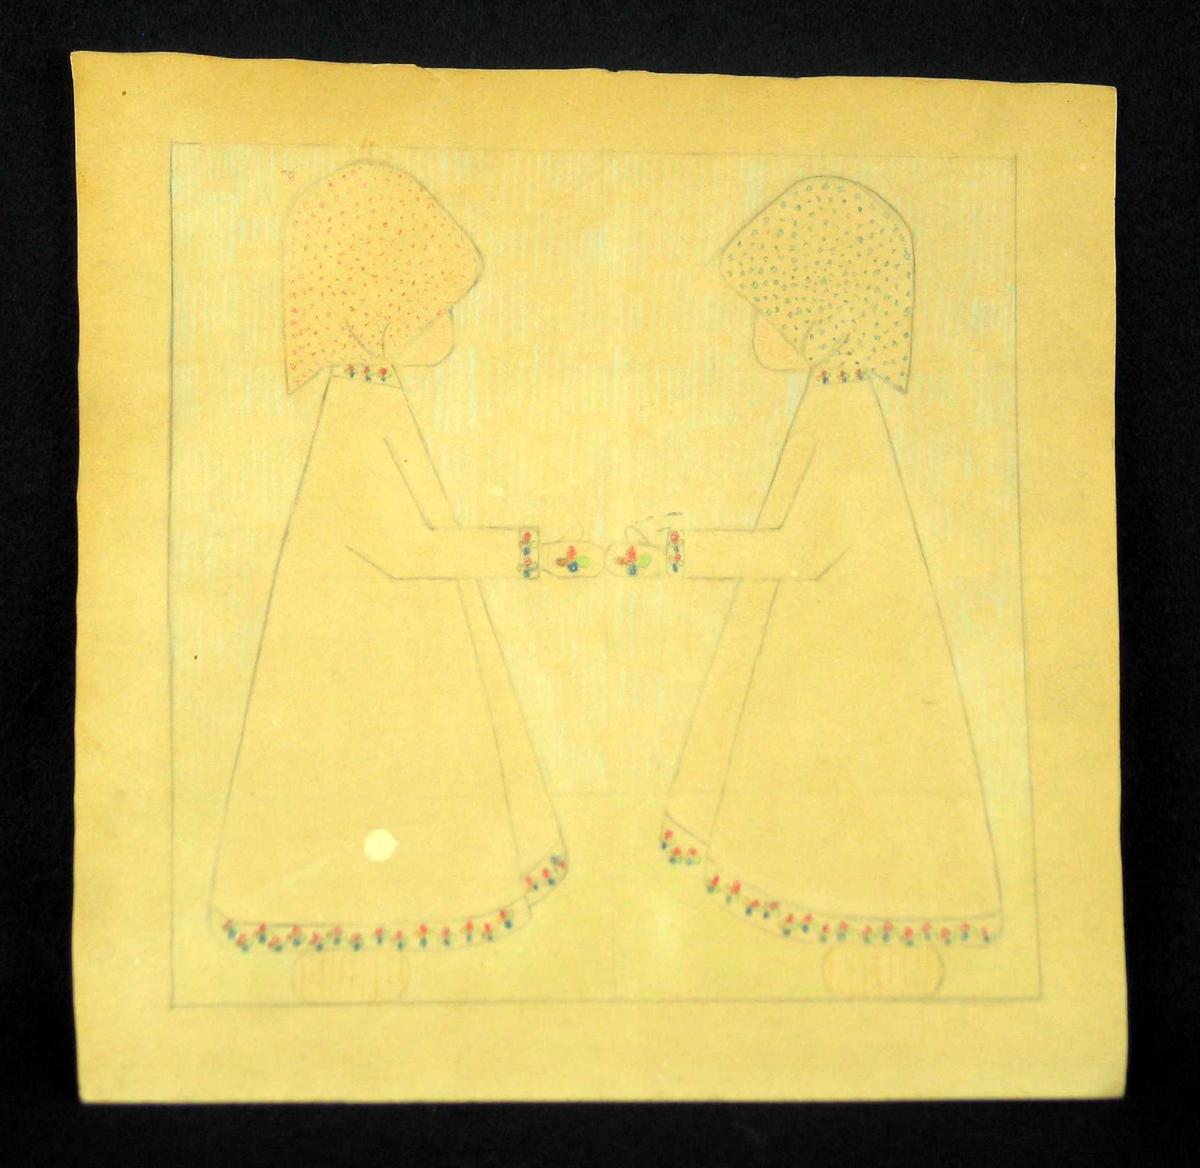 Blyanttegning av to nesten identiske, motstilte jenter. Fargelagte mønsterborder på kjoler og votter. Prikkete tørkle. Merke etter hjelpelinjer.